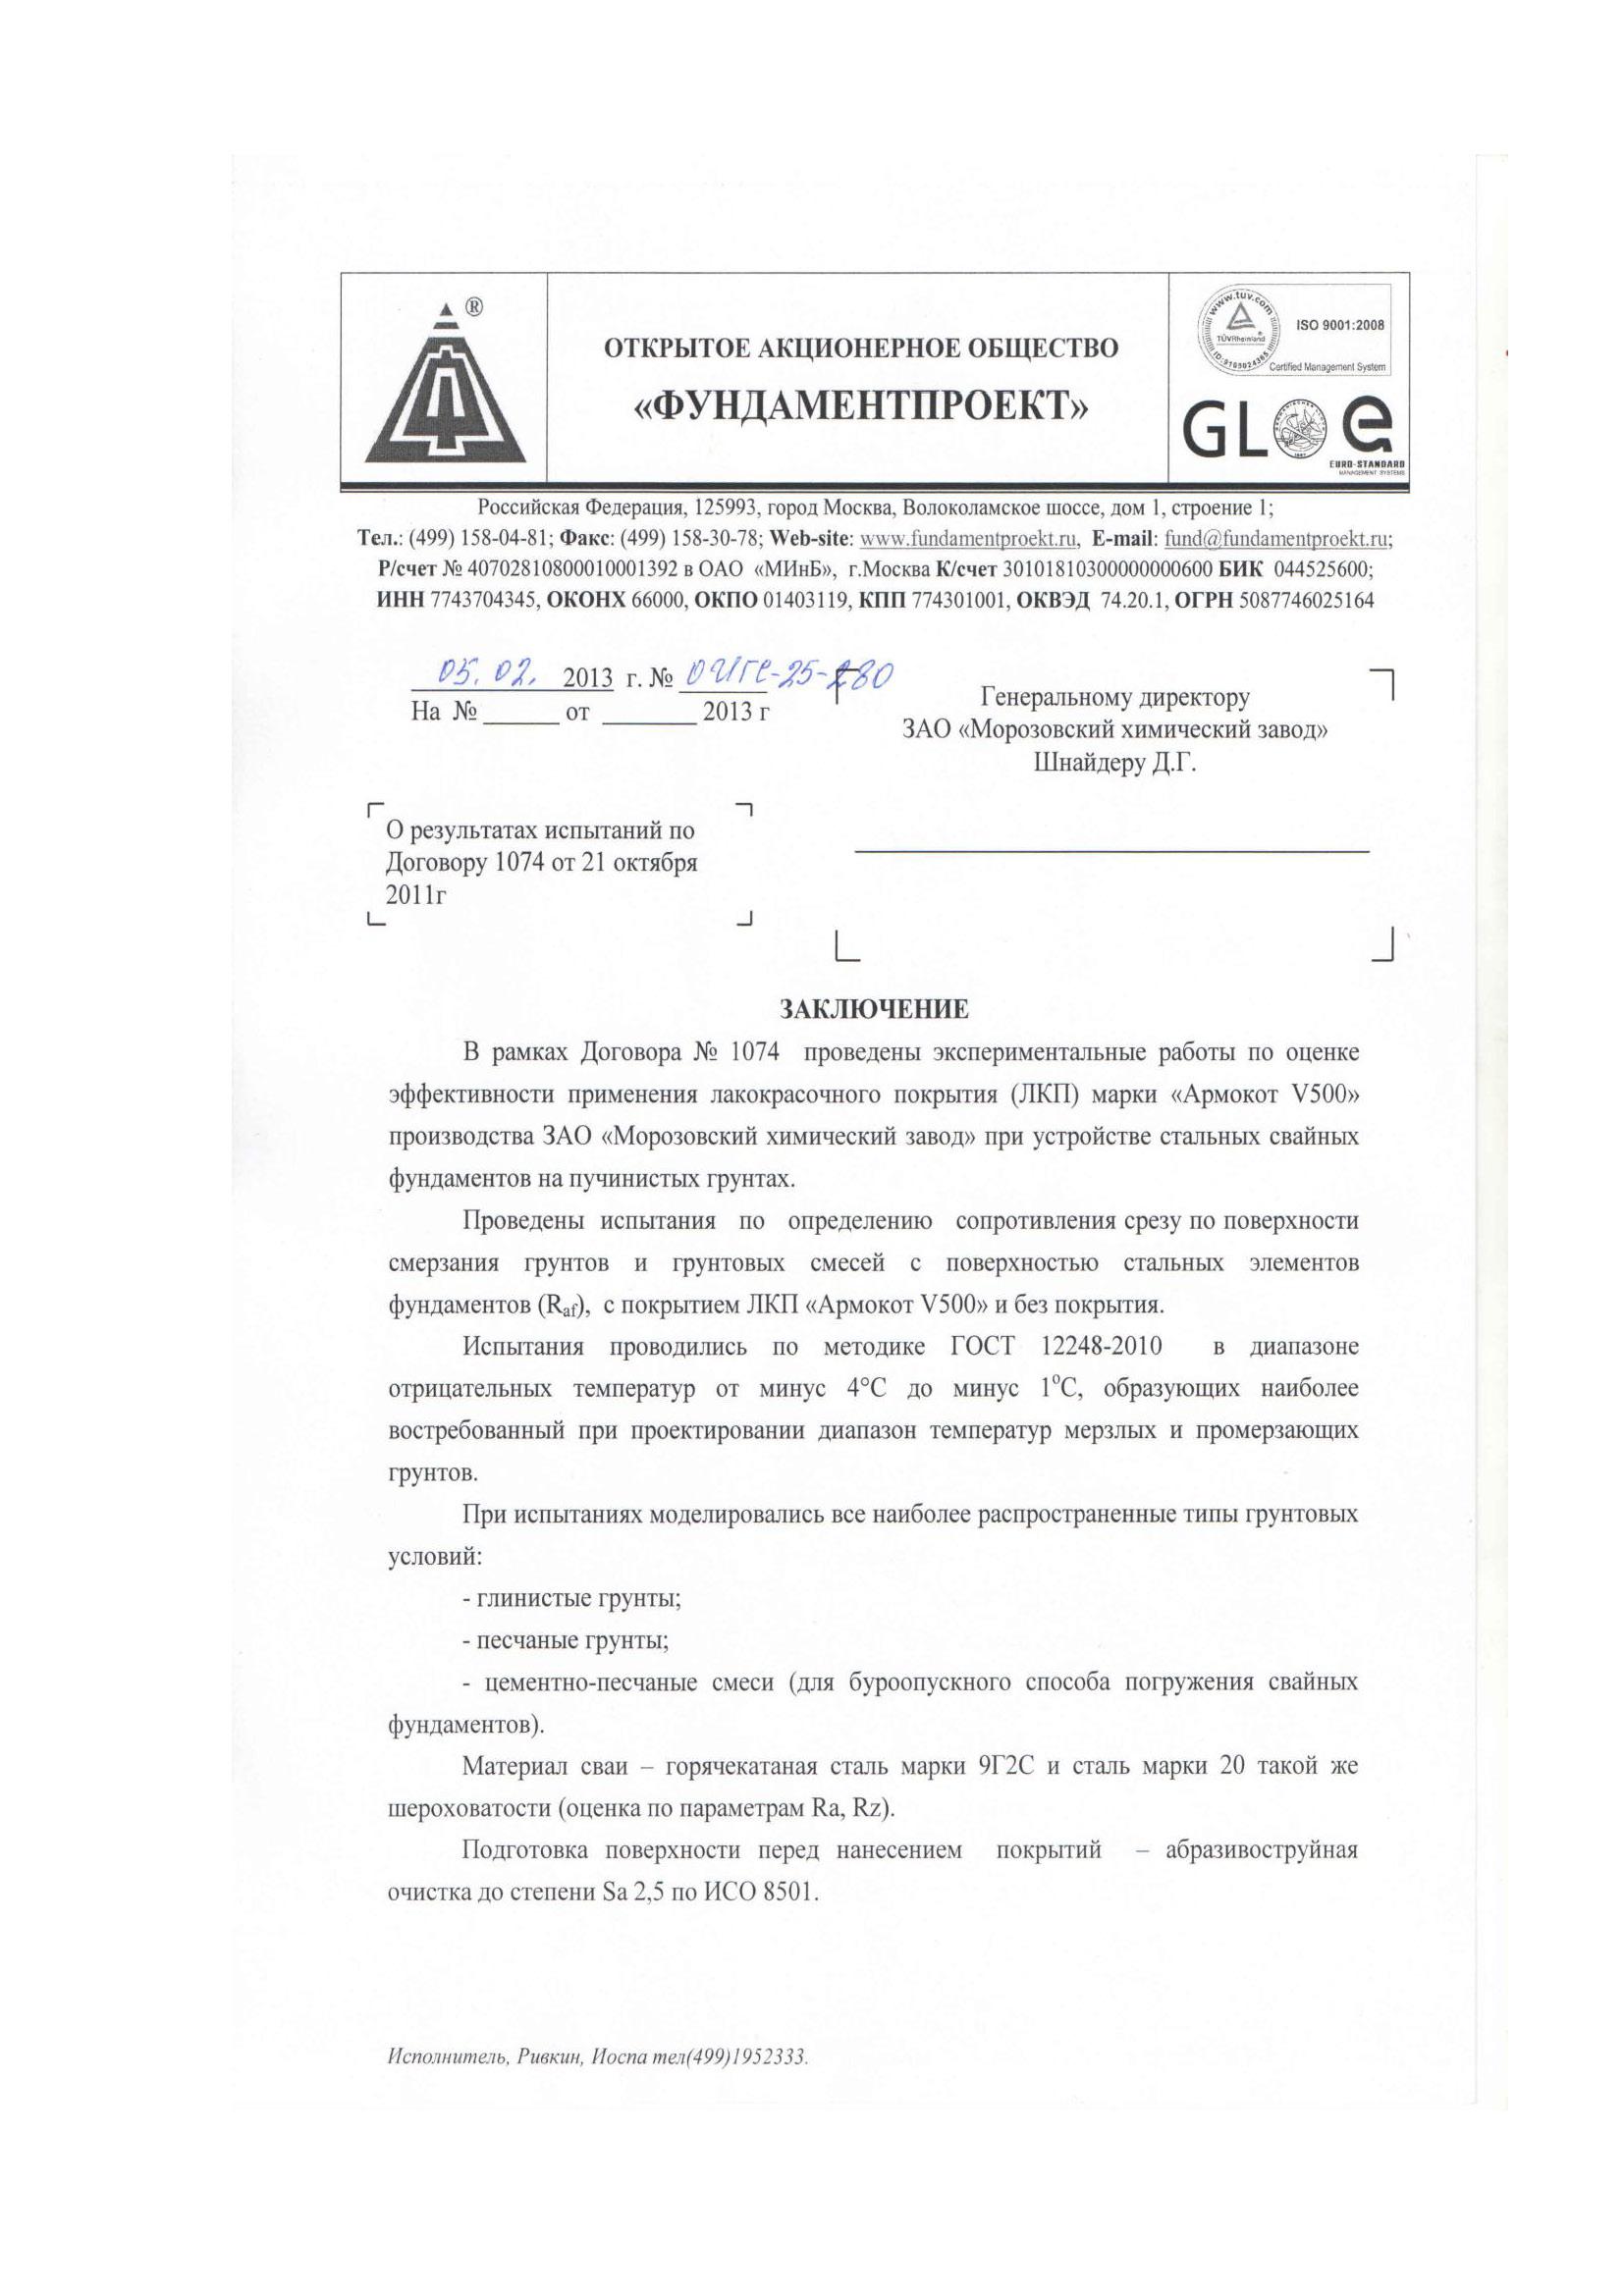 Заключение по итогам прохождения испытаний на фундаменты Армокот V500_Страница_1